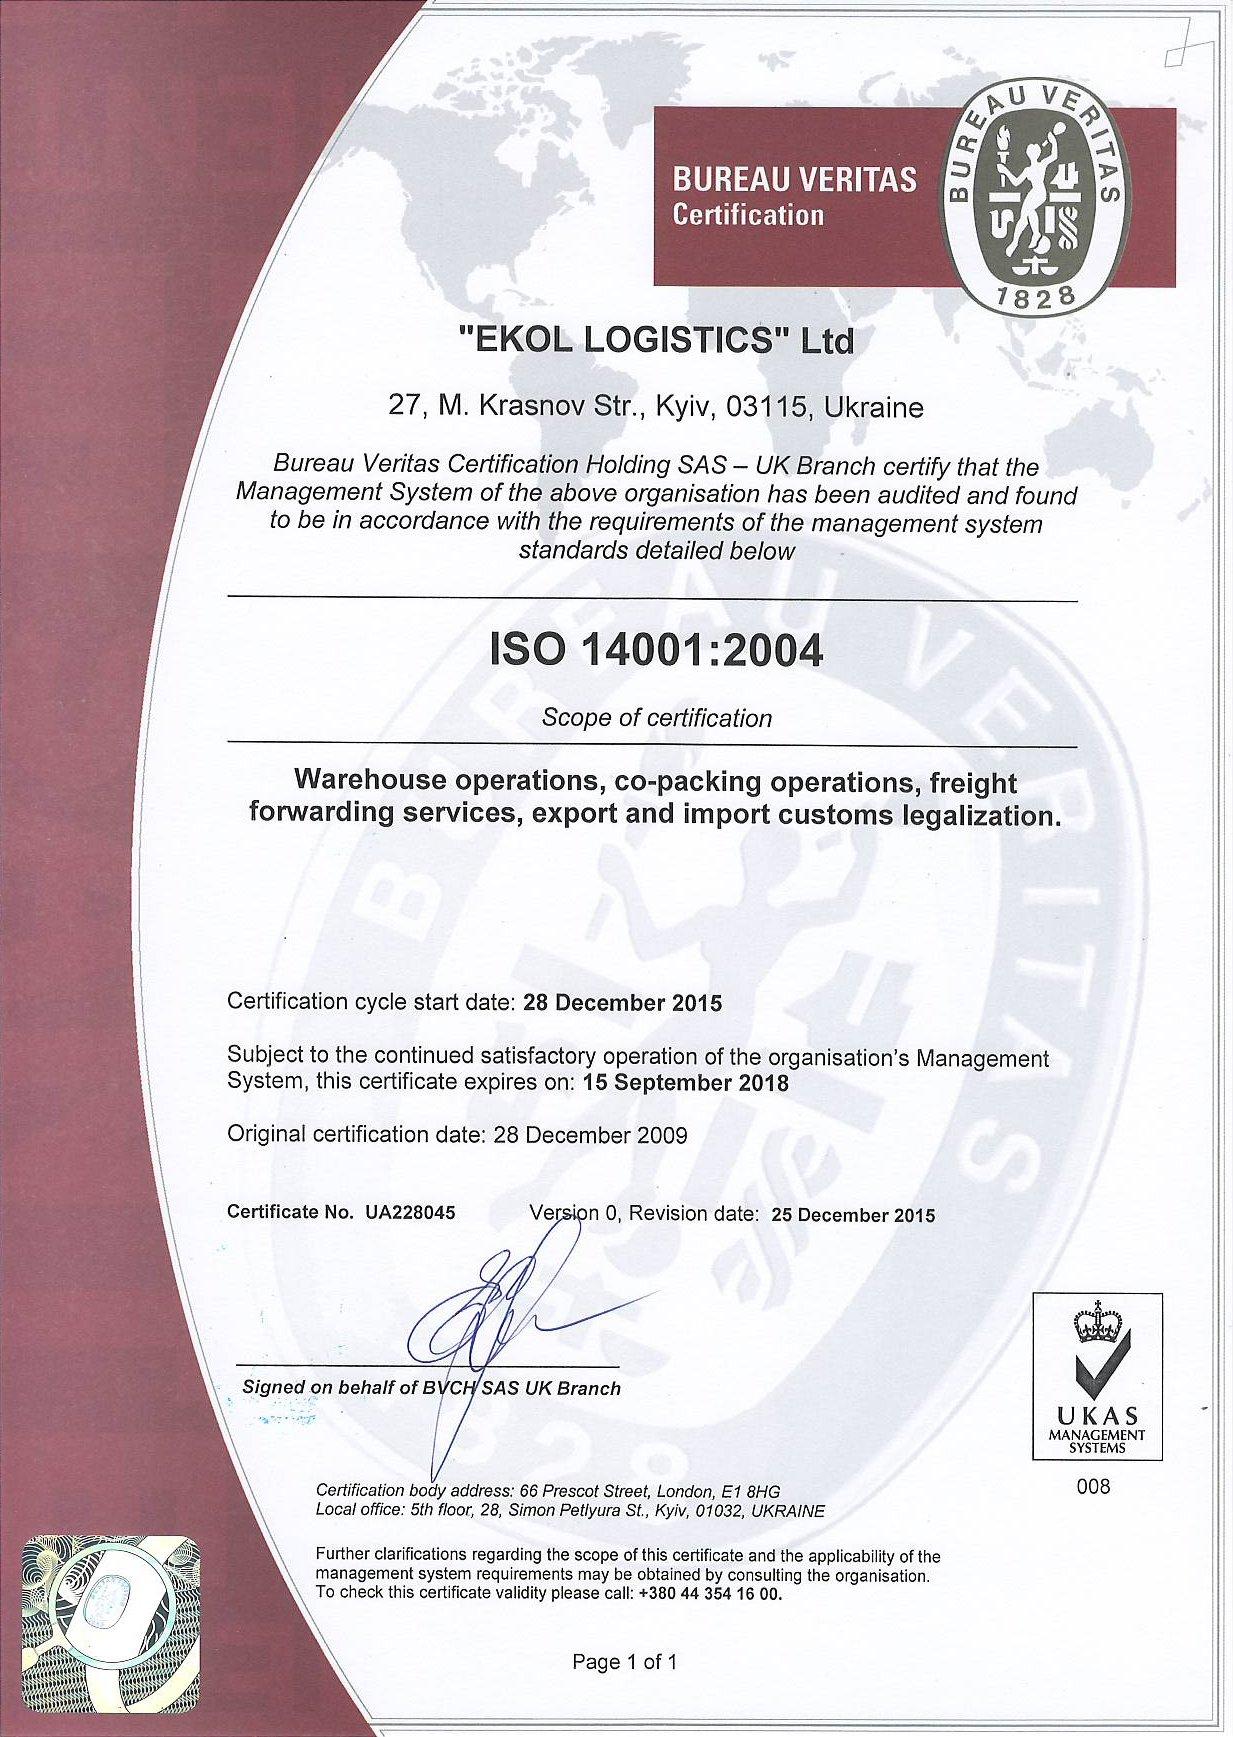 Ekol İtalya - Çevre Sistem Belgesi ISO 14001:2004